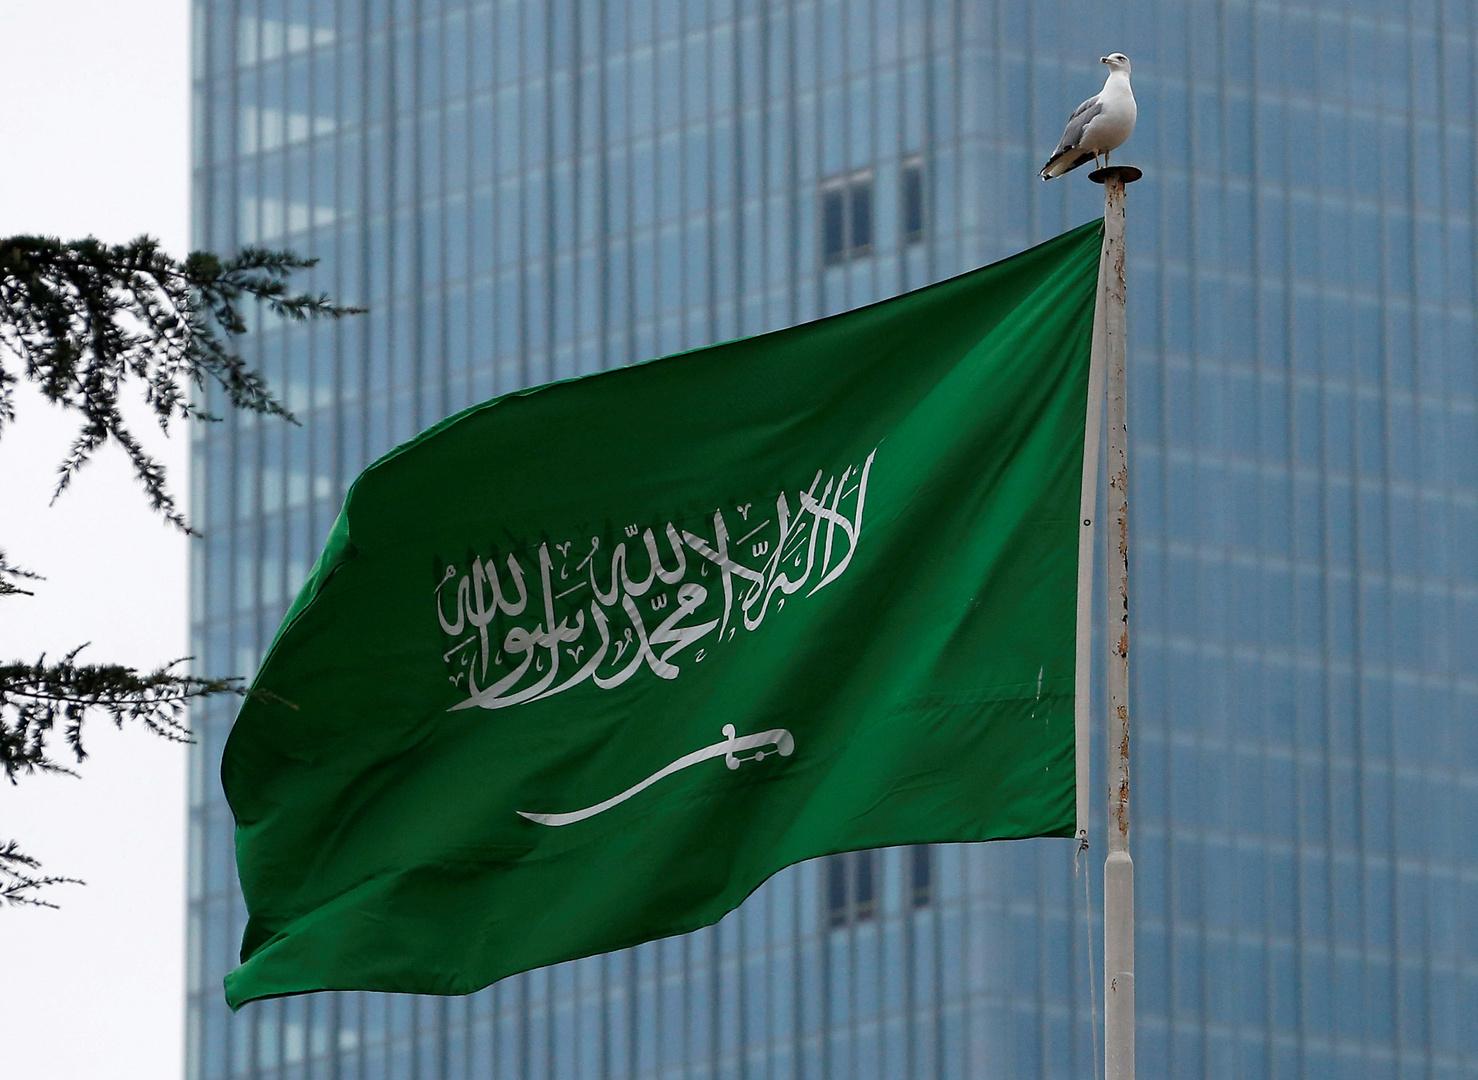 السعودية تصدر صكوكا محلية بقيمة 3 مليارات دولار